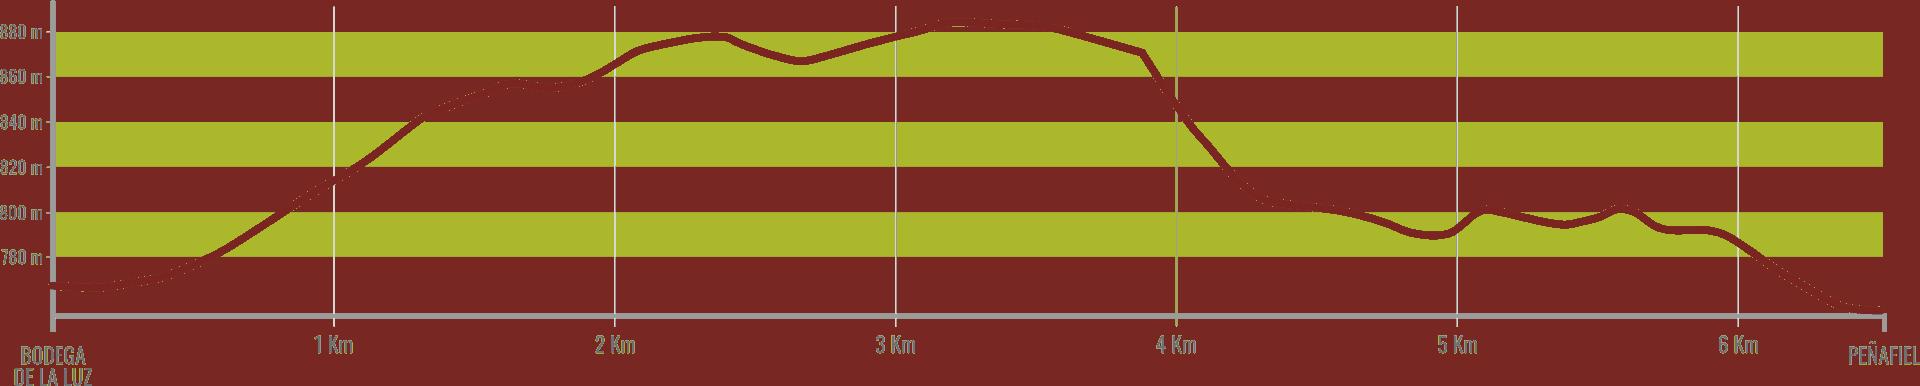 Ribera Run Promo Perfil de carrera